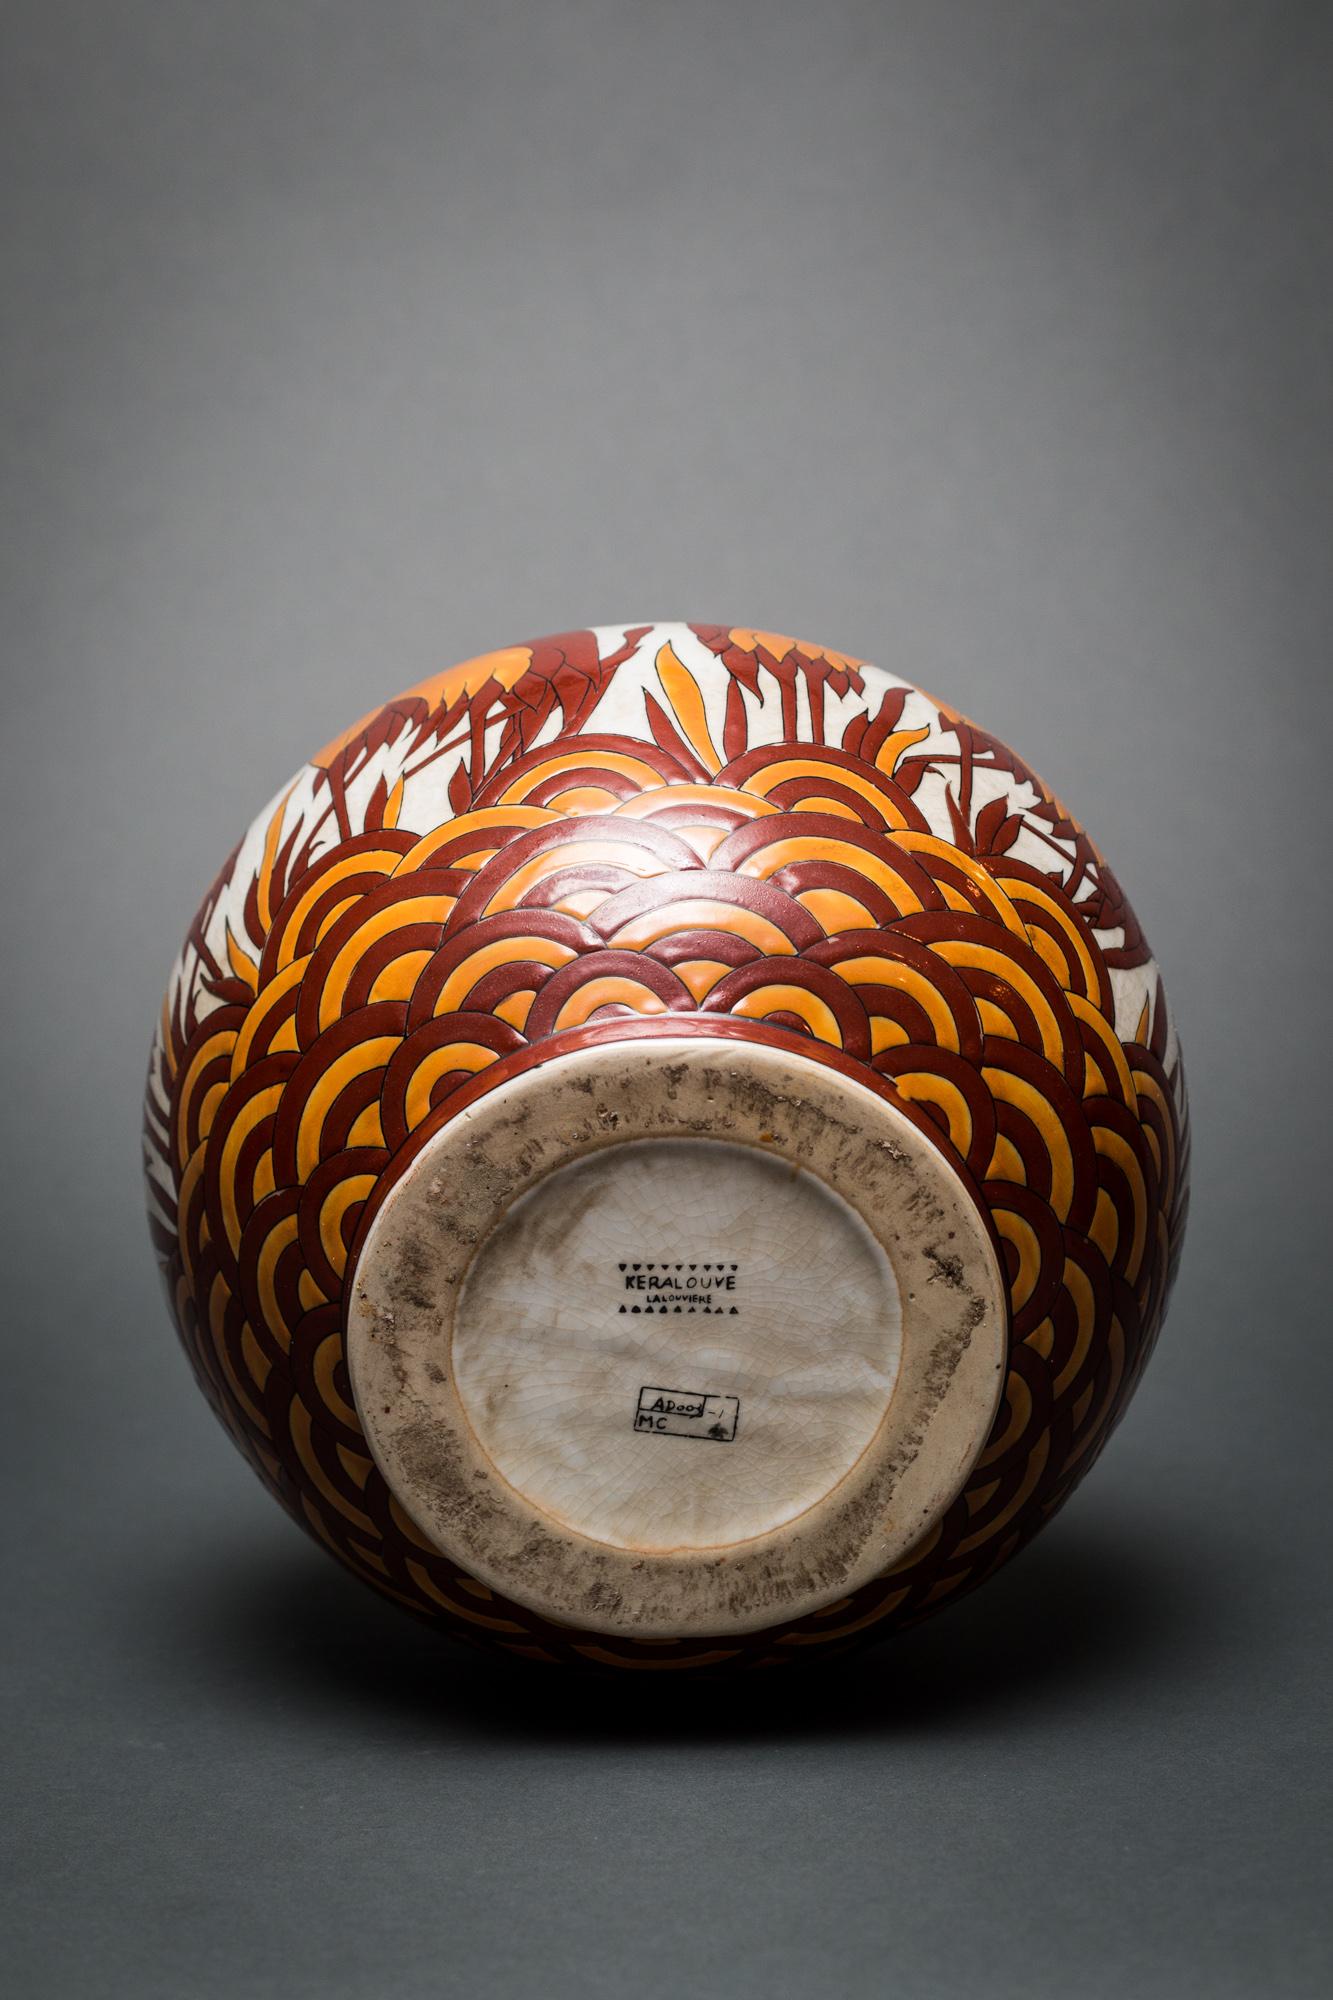 Penguin Vase by Keralouve